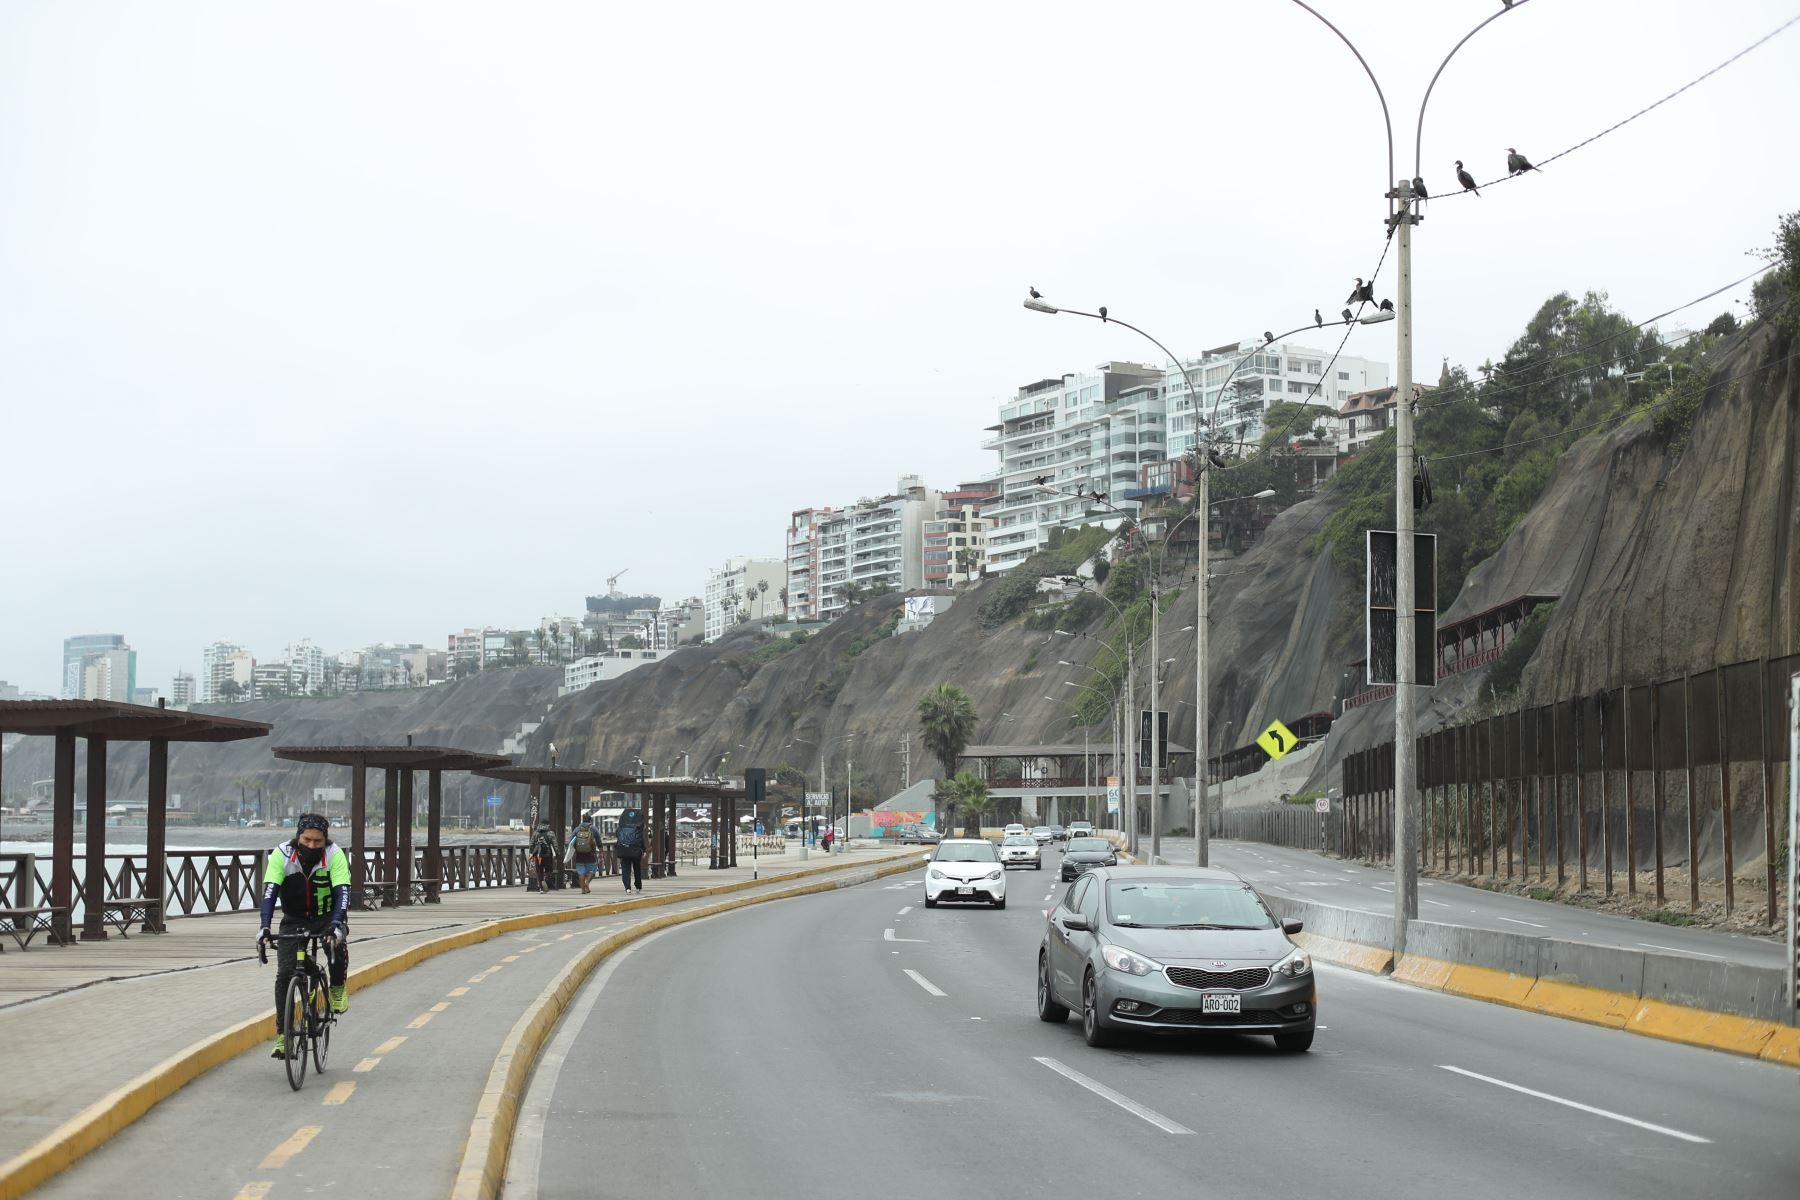 Se derrumbe de la costa verde en el distrito de Barranco. Foto:ANDINA/Carla Patiño Ramírez